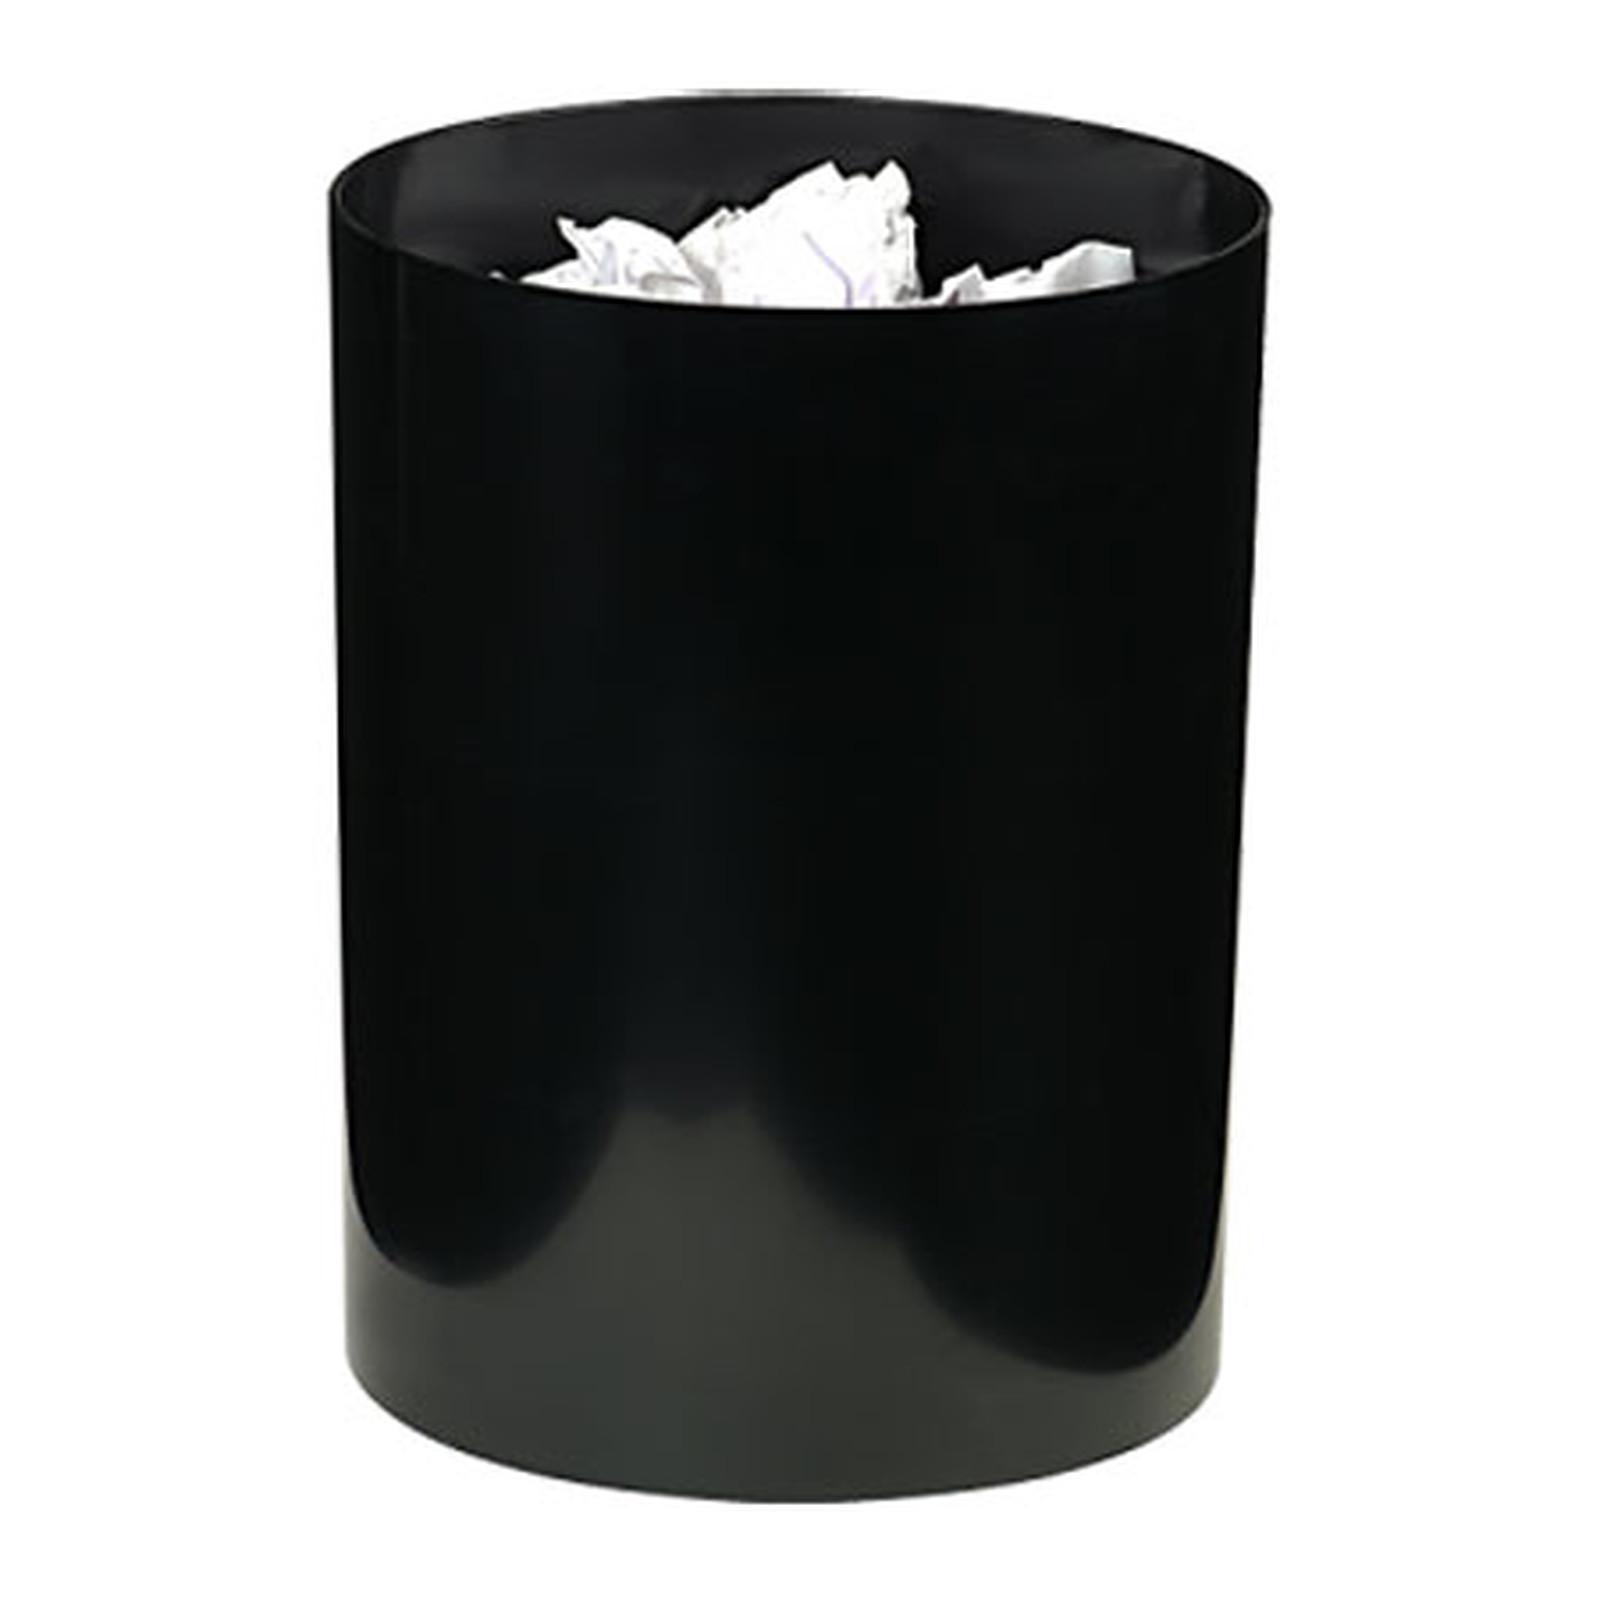 CEP Confort Corbeille à papier Noir 16 litres